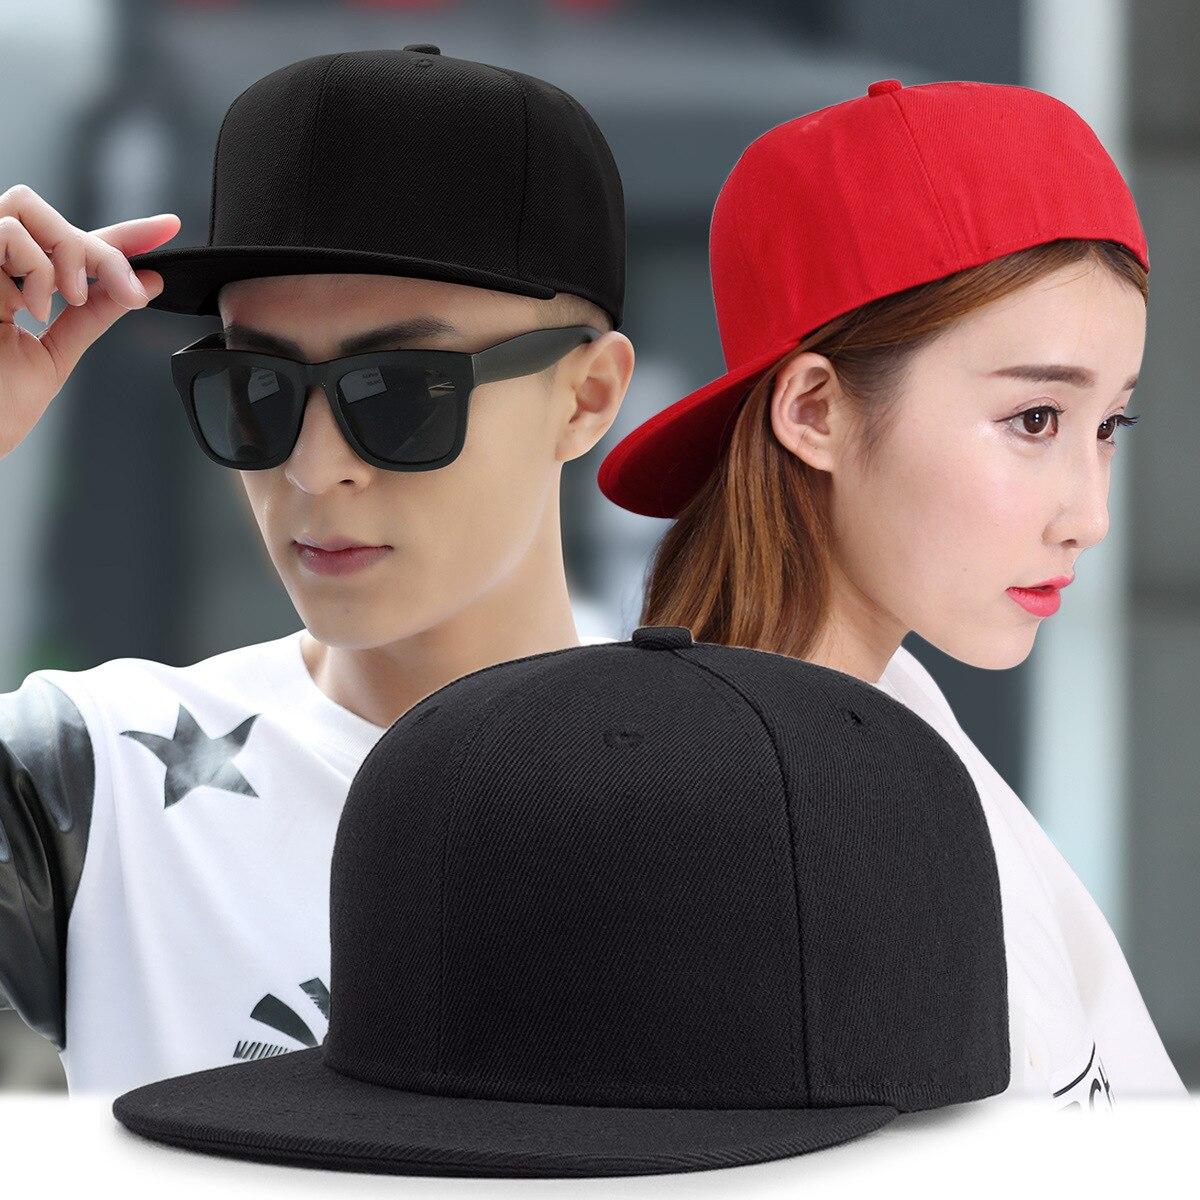 Мужская бейсболка большого размера плюс, Кепка Для Взрослых, плоская кепка в стиле хип-хоп, кепка большого размера для мужчин и женщин, Кепка Snapback, размер 6, 3/4, Размер 8